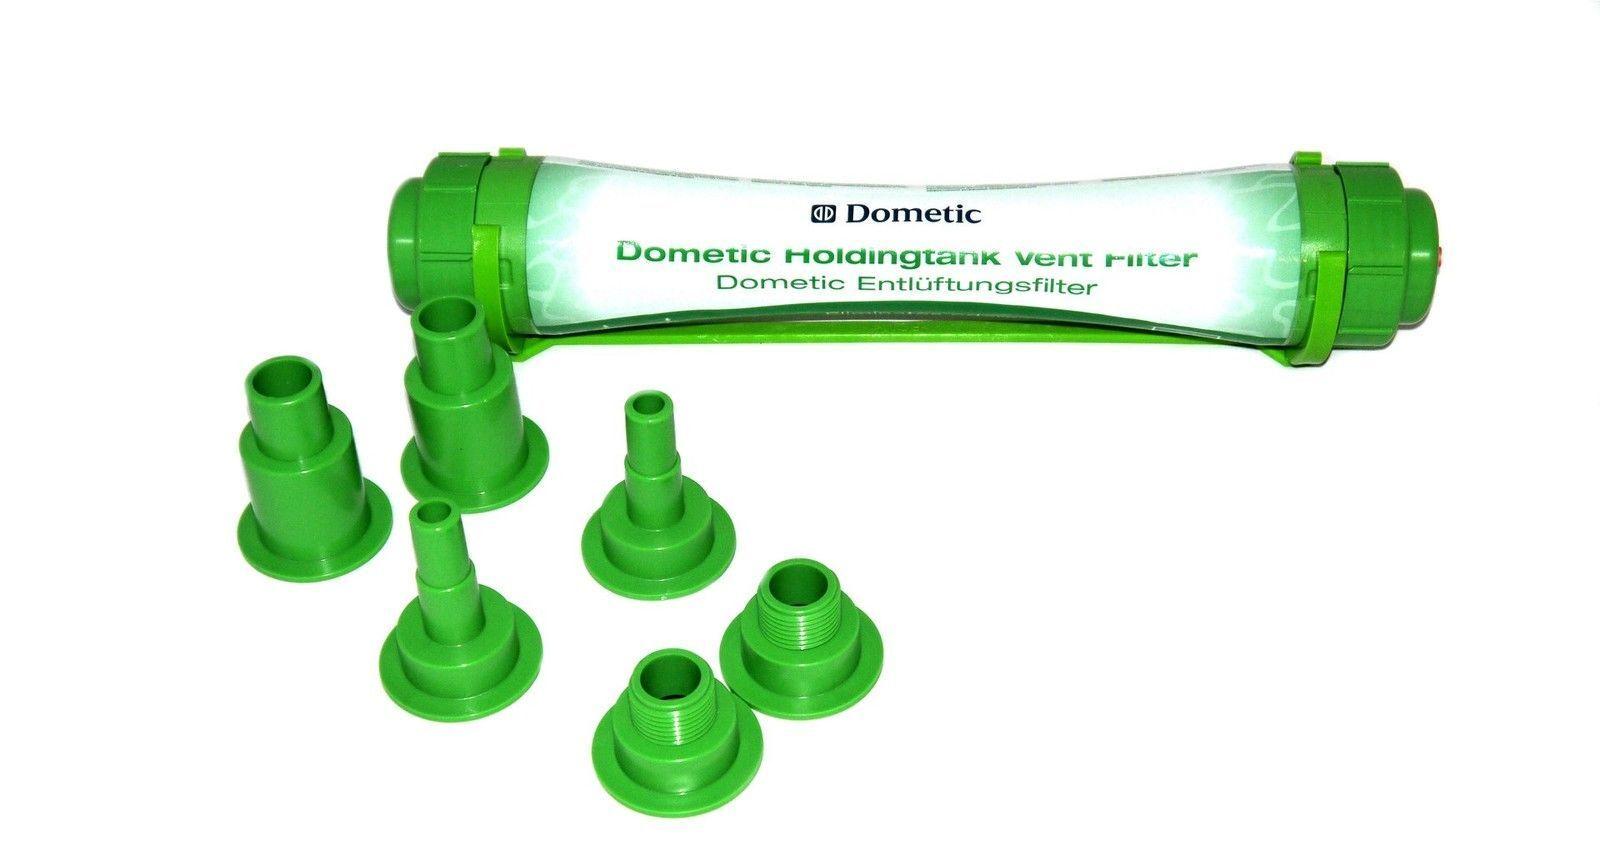 Dometic Karbonfilter Karbonfilter Karbonfilter Entlüftungsfilter Geruchsfilter für Fäkalien Caravan Stiefel c7909e